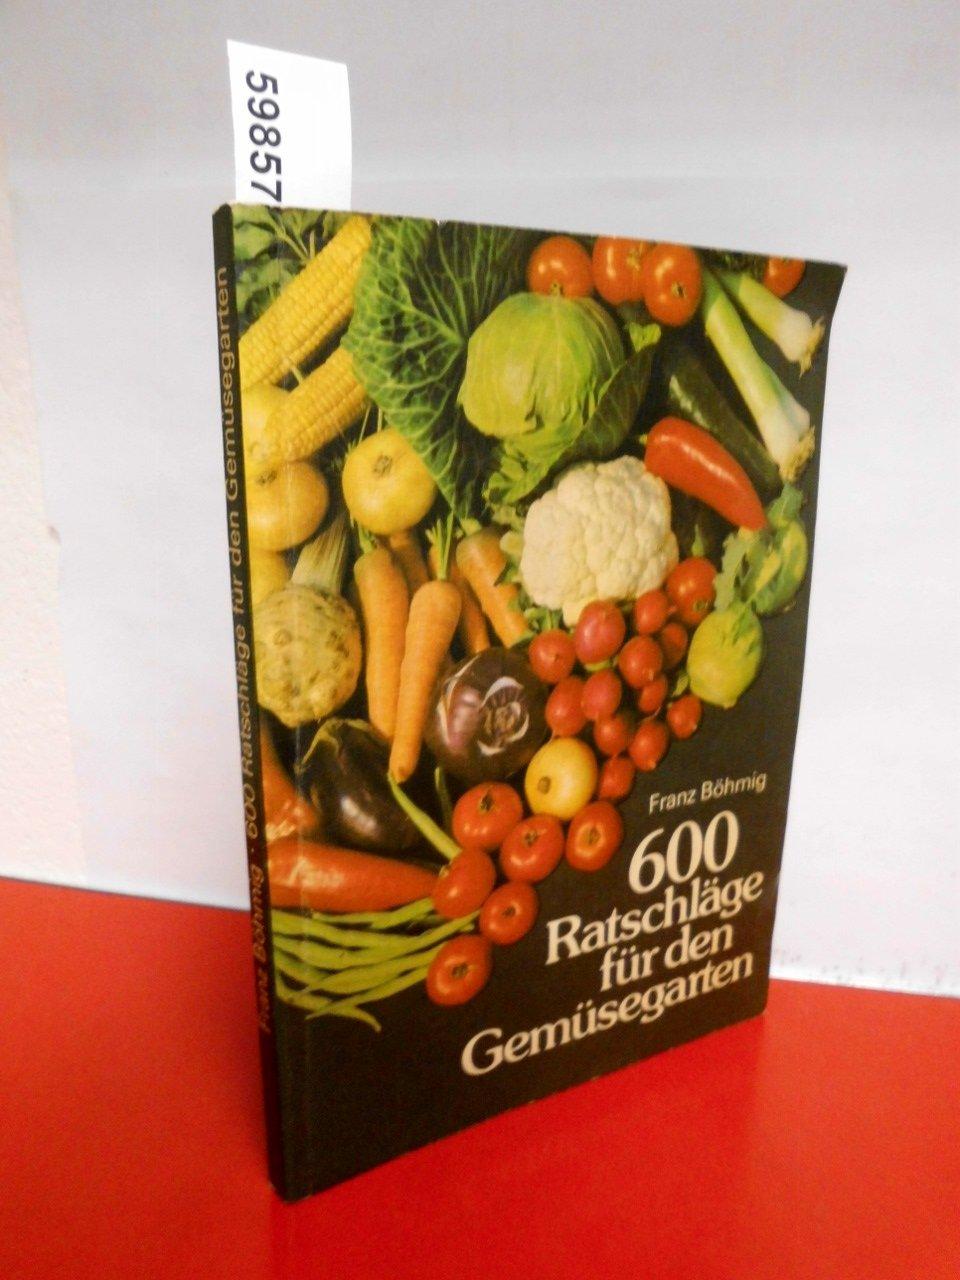 600 Ratschläge für den Gemüsegarten